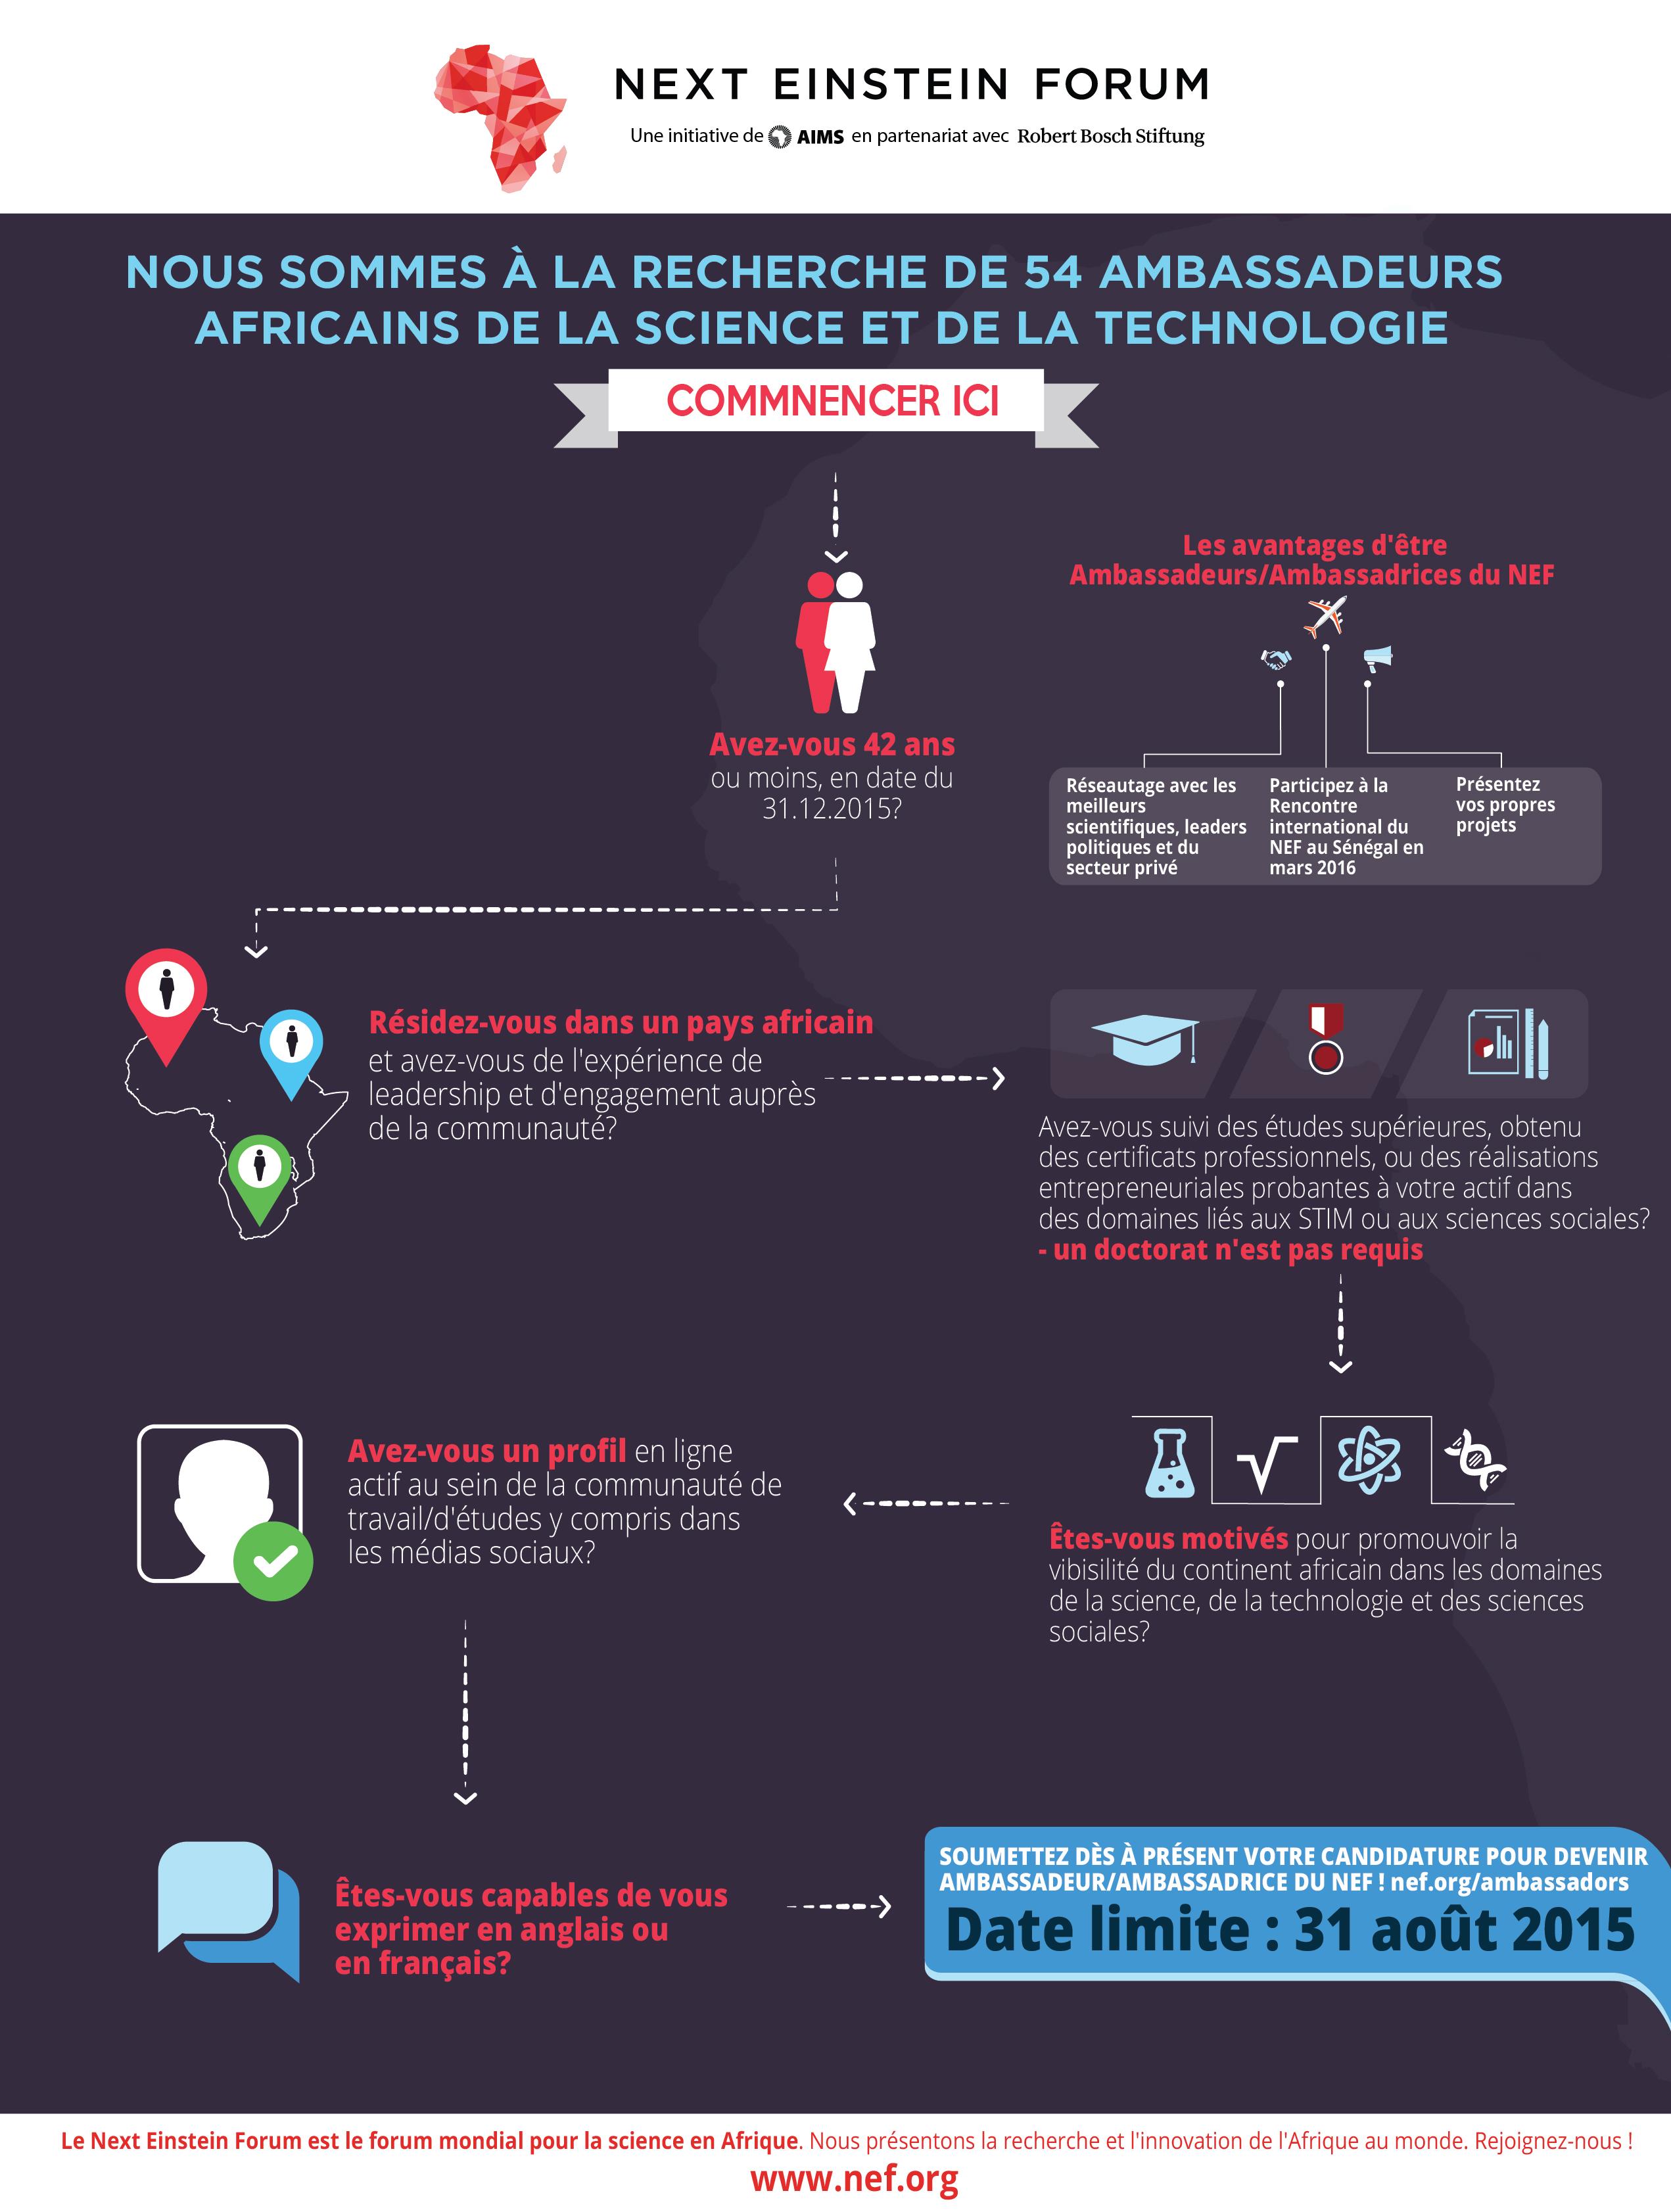 Le Next Einstein va nommer 54 jeunes ambassadeurs africains de la science et de la technologie